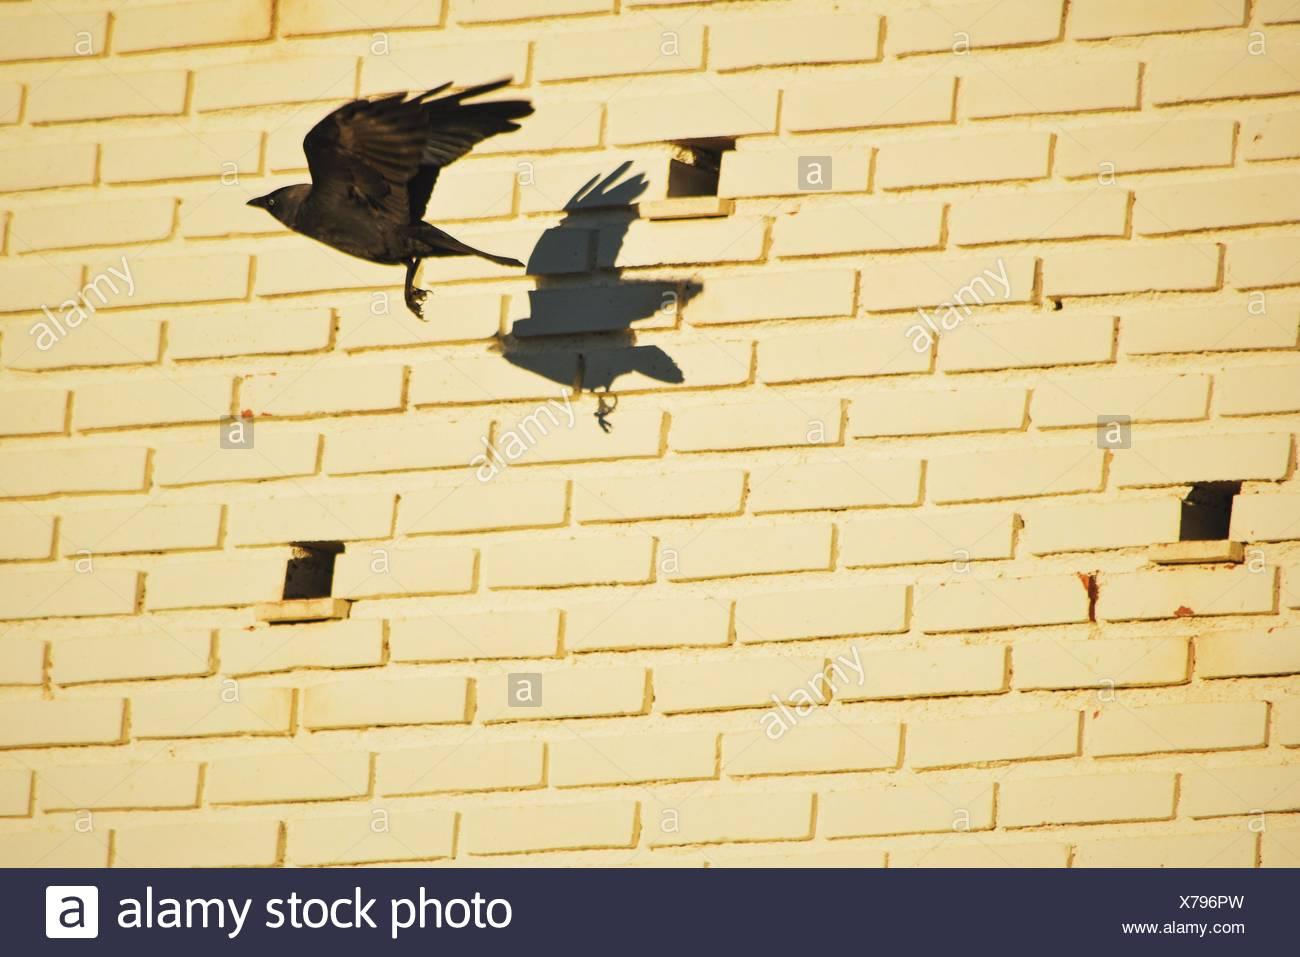 Delighted Birds In Flight Wall Decor Ideas - The Wall Art ...